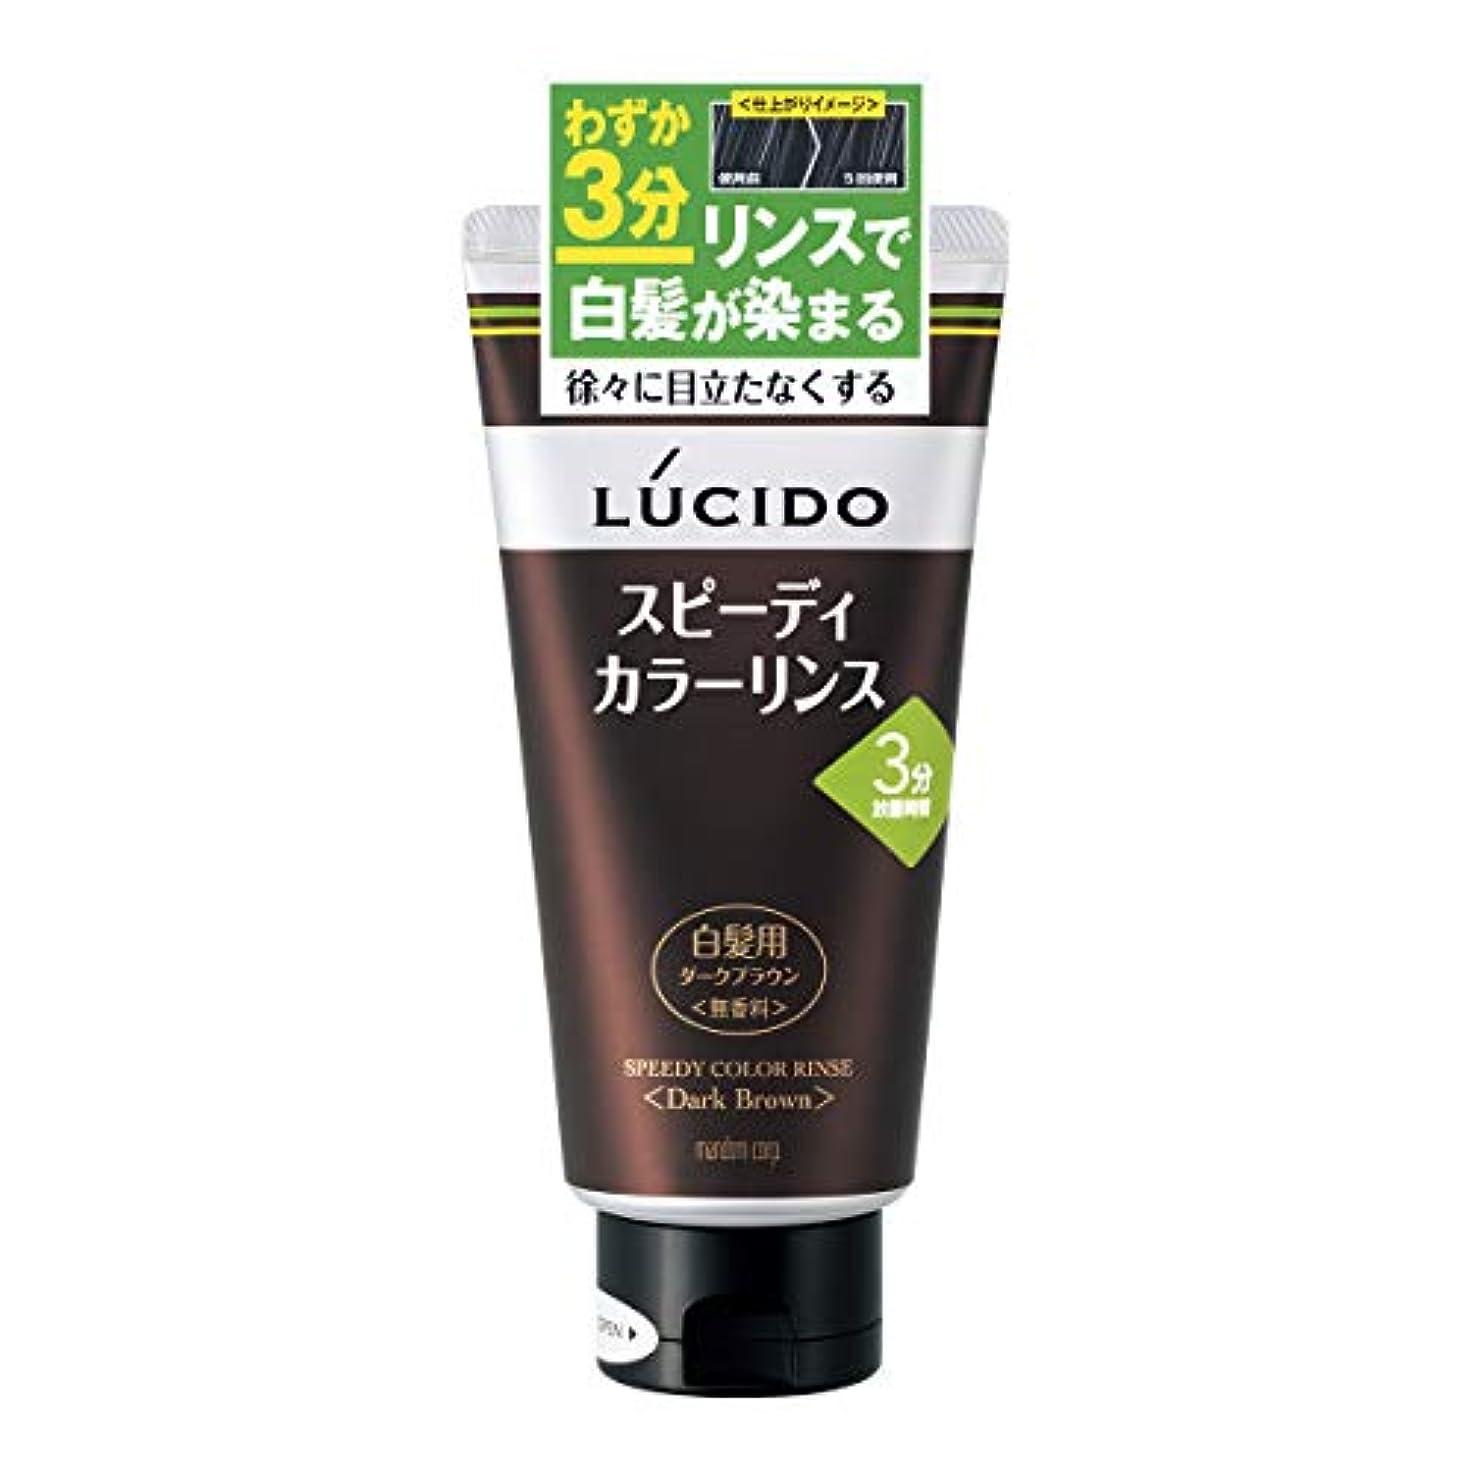 転用のり克服するLUCIDO(ルシード) スピーディカラーリンス ダークブラウン 160g リンスで簡単白髪染め